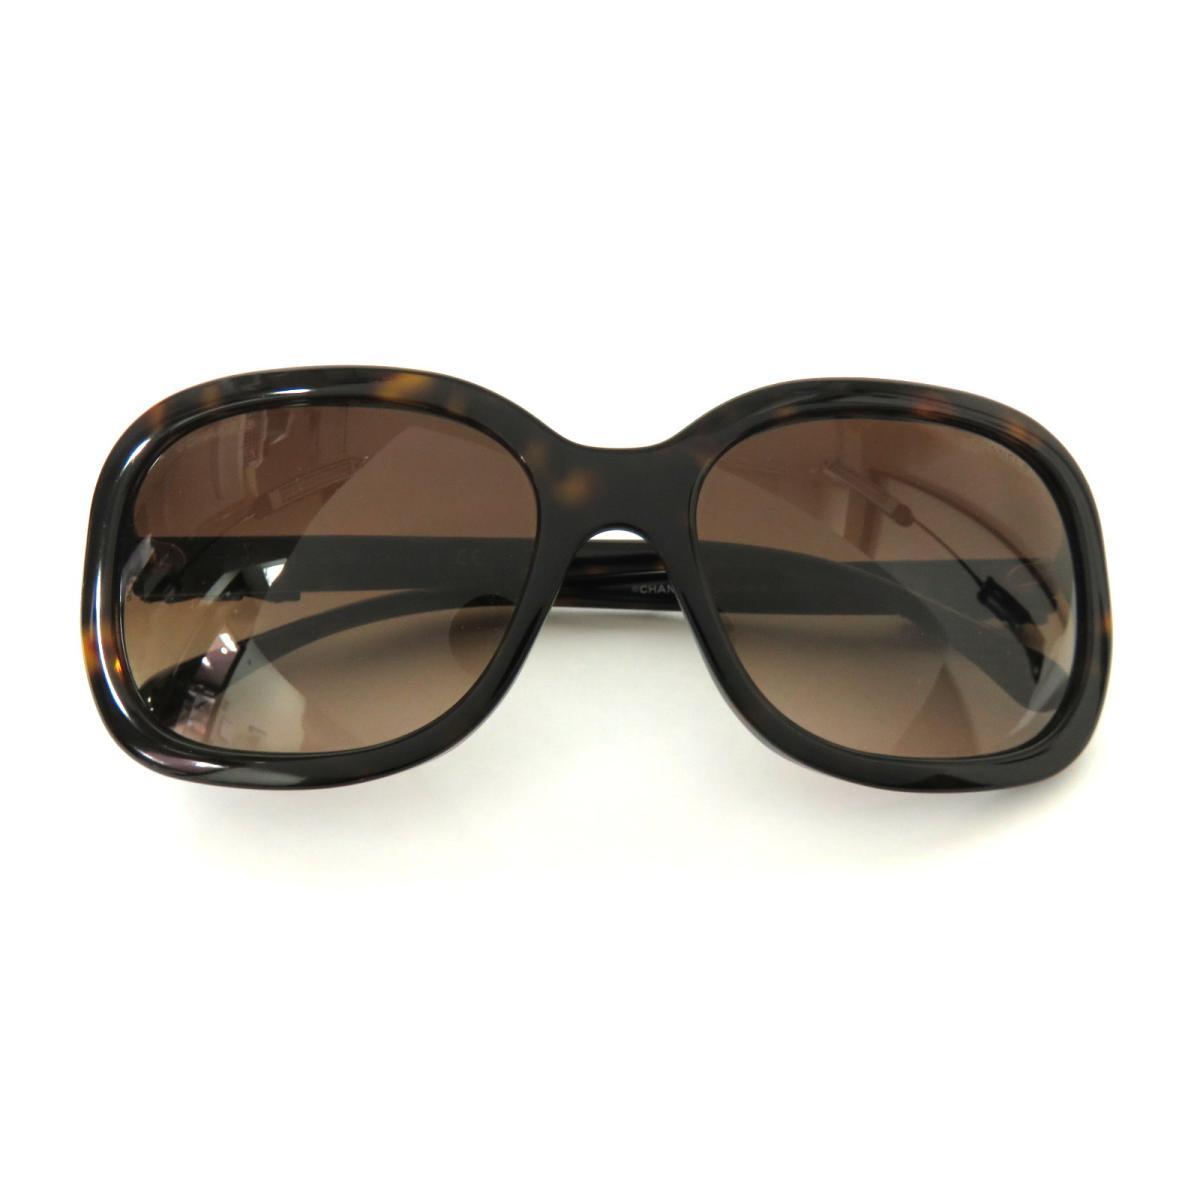 【中古】 シャネル サングラス その他 レディース プラスチック ブラウン (5280-Q-A) | CHANEL BRANDOFF ブランドオフ ブランド ブランド雑貨 小物 雑貨 眼鏡 メガネ めがね